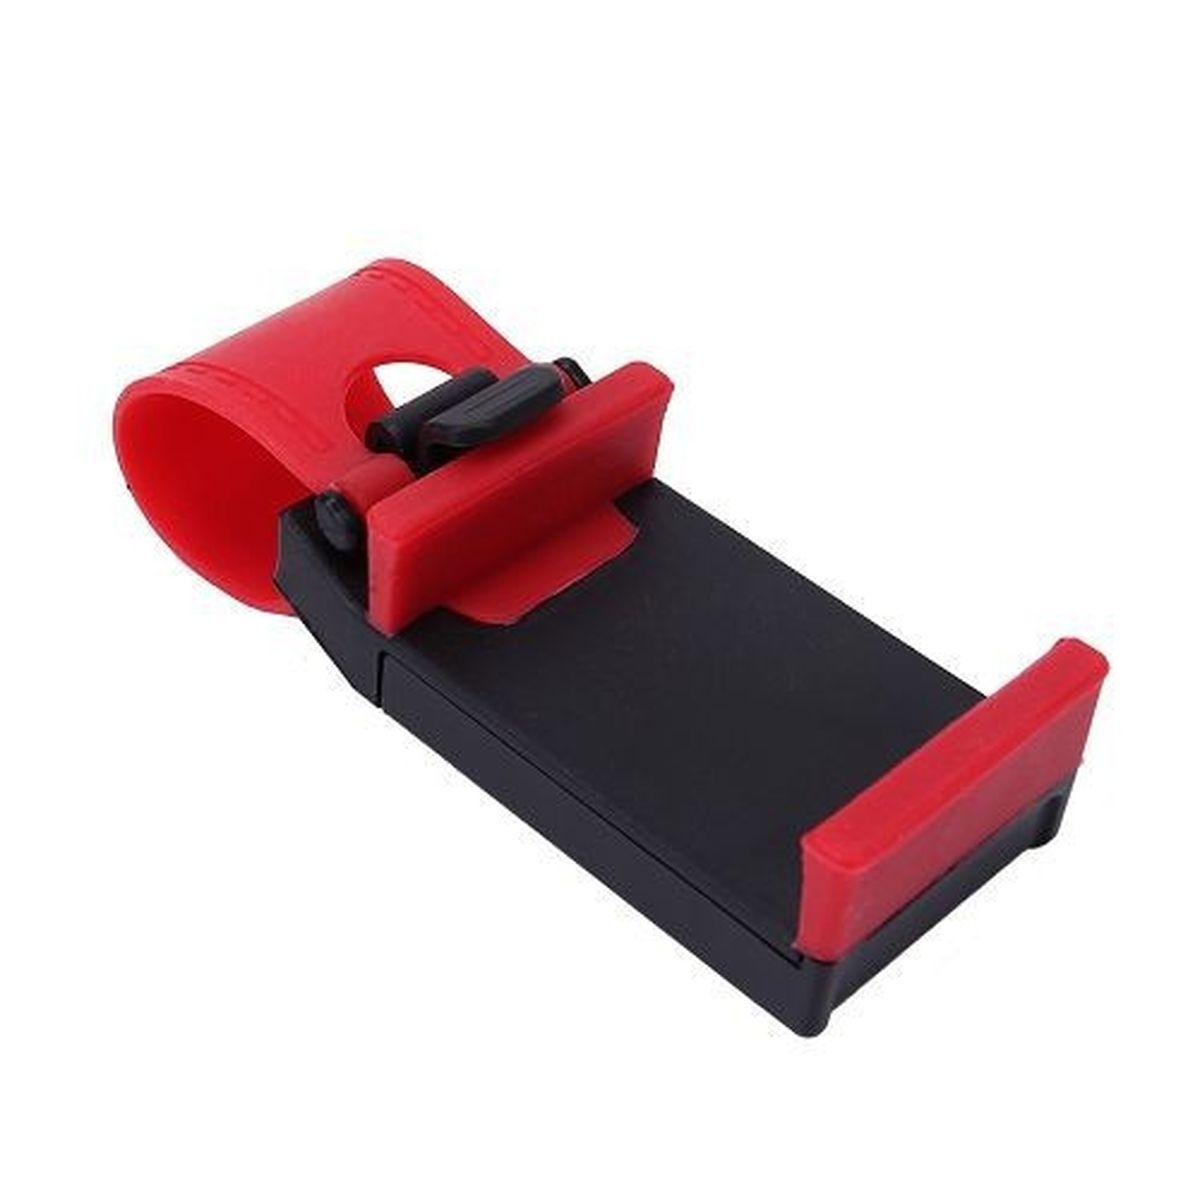 Держатель автомобильный Оранжевый слоник, для телефона, цвет: красныйACL0002RДержатель устанавливается на автомобильный руль при помощи ремня, выполненного из термопластичной резины. Держатель изготовлен из высококачественного ABS пластика. Ударопрочная противоскользящая конструкция гарантирует удобство пользования и сохранность вашего устройства. Максимальное расширение зажима: 7,5 см.